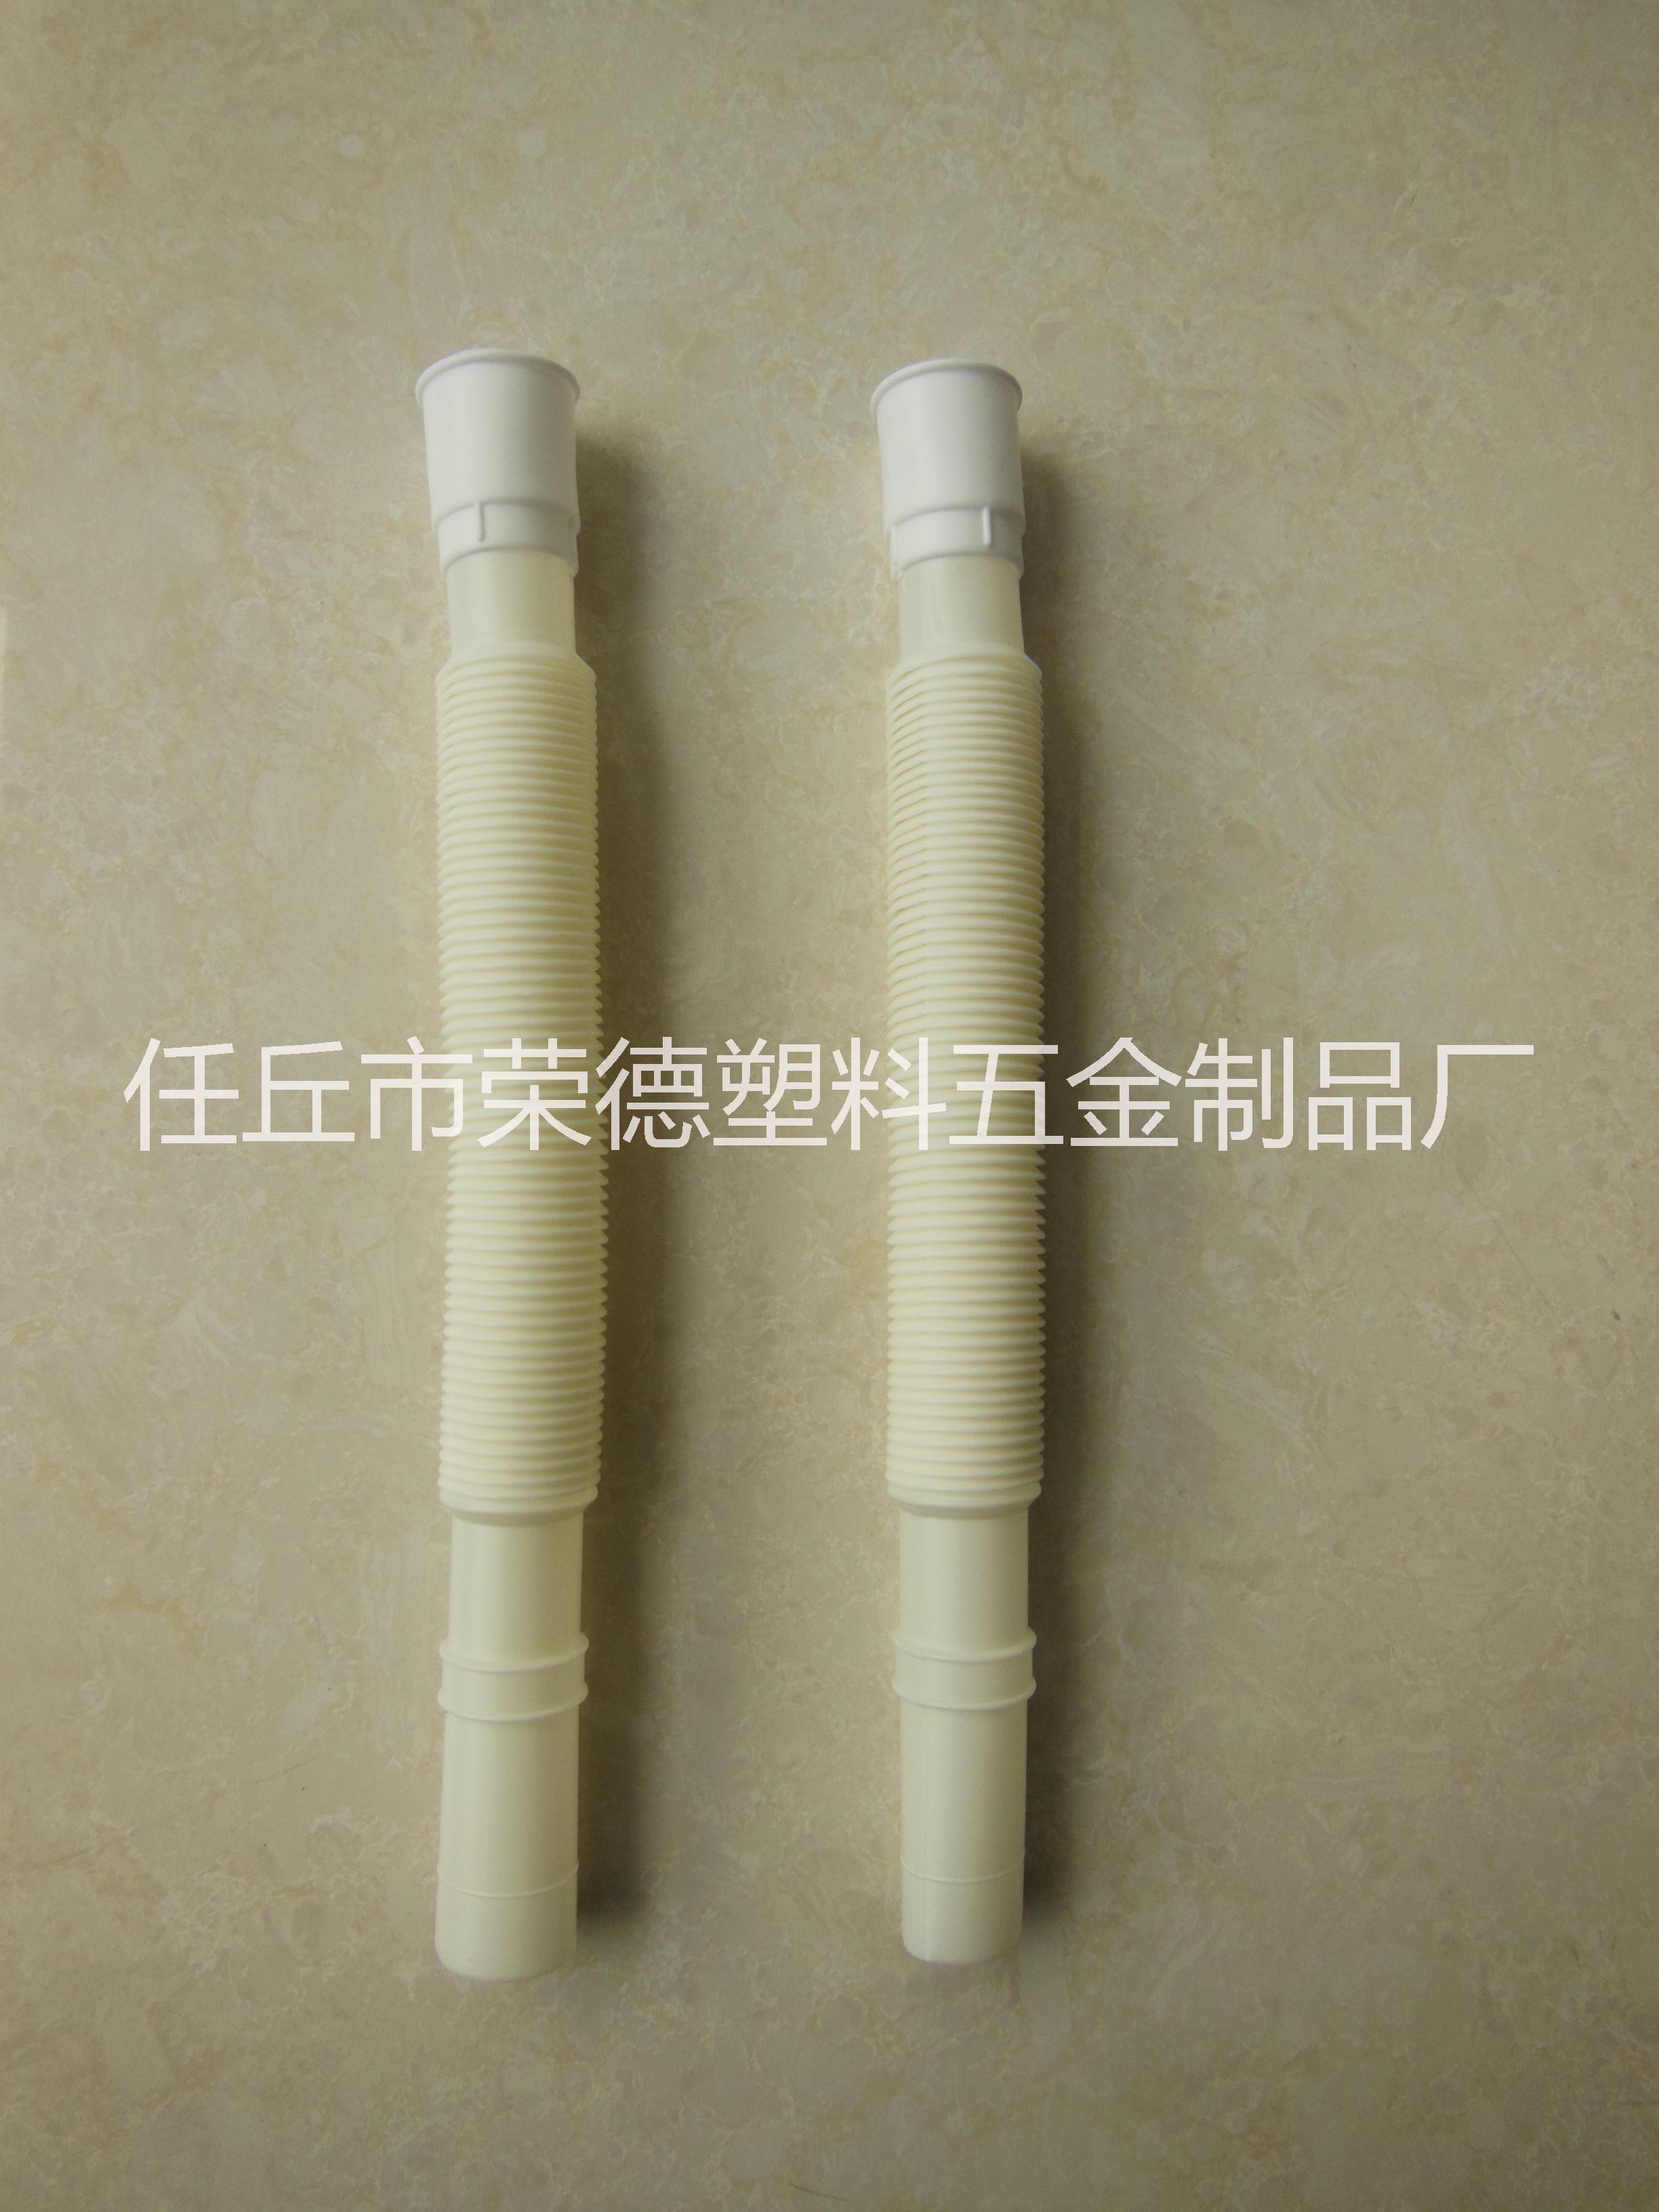 皮头拉伸管 塑料下水管 防臭下水